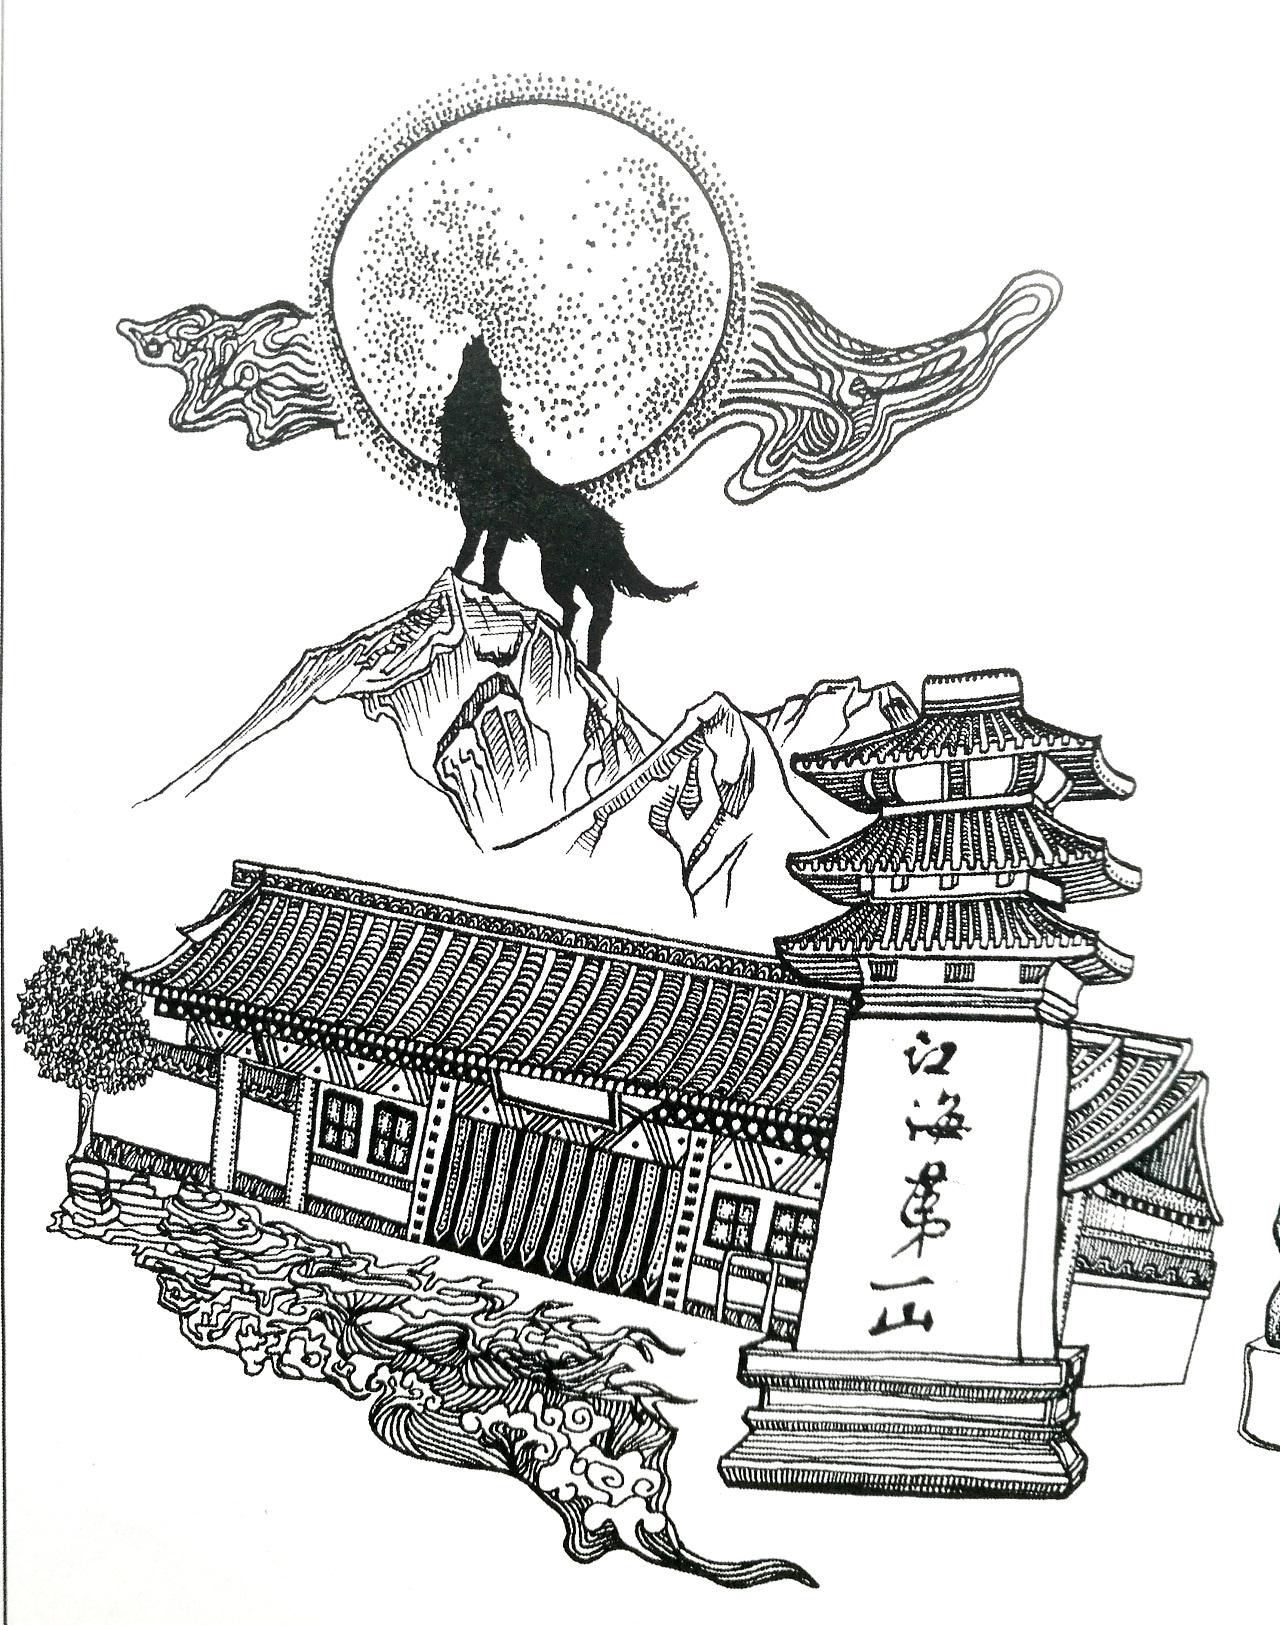 手绘南通(一)|插画|绘本|茹果room - 原创作品 - 站酷